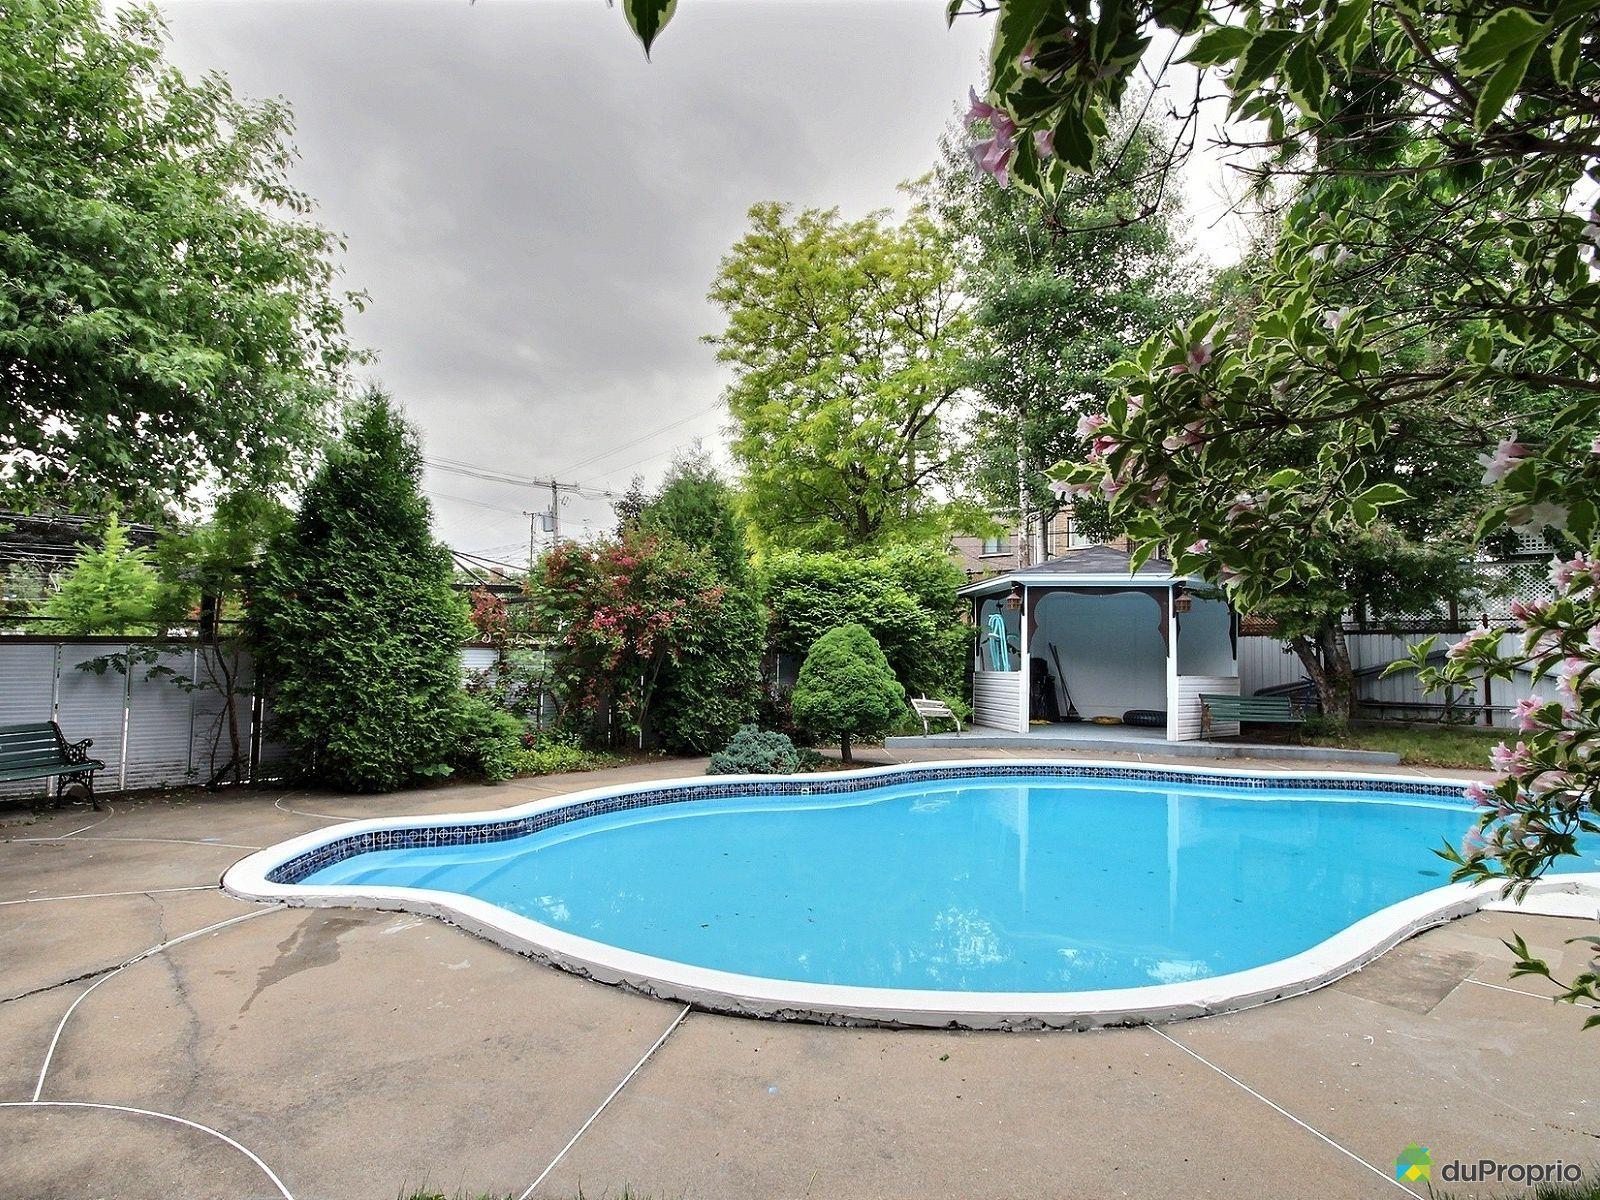 Triplex  vendre Montral 6585 Rosemont Blvd immobilier Qubec  DuProprio  651007